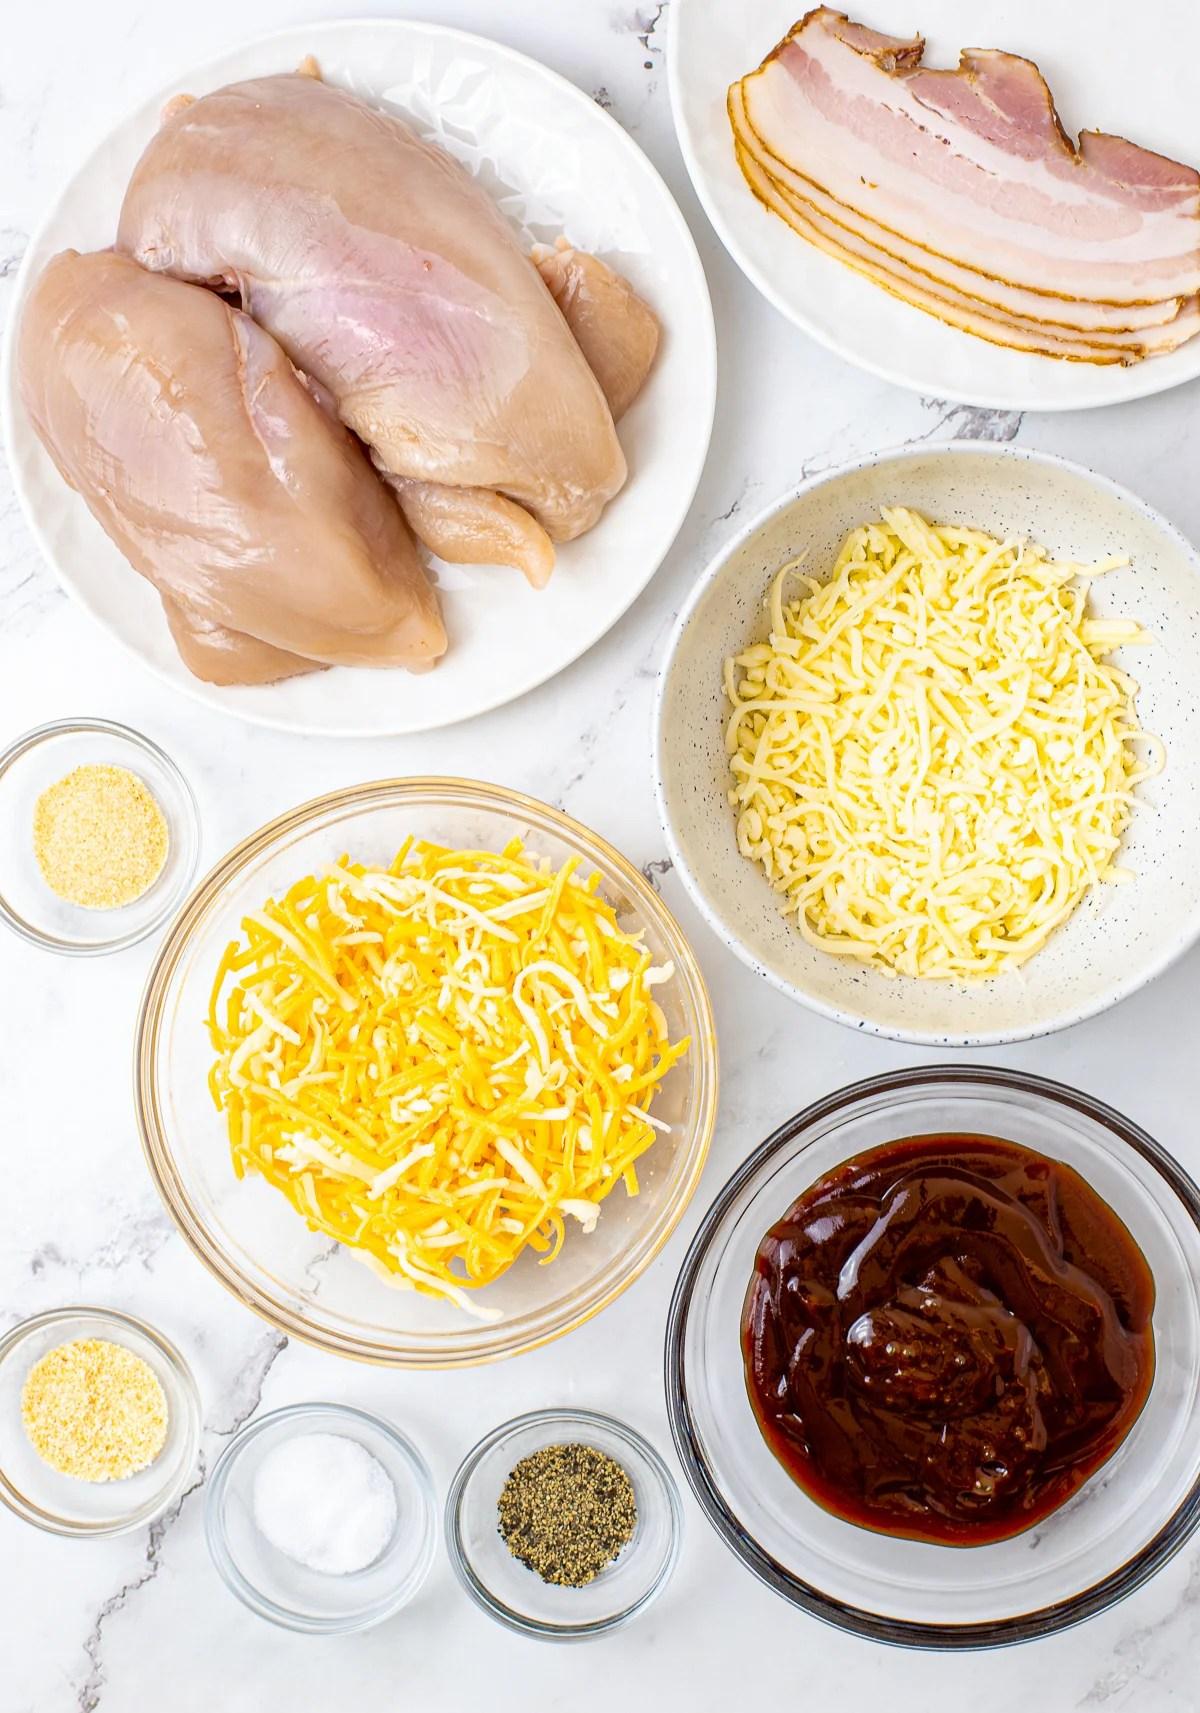 Ingredients needed to make Monterey Chicken